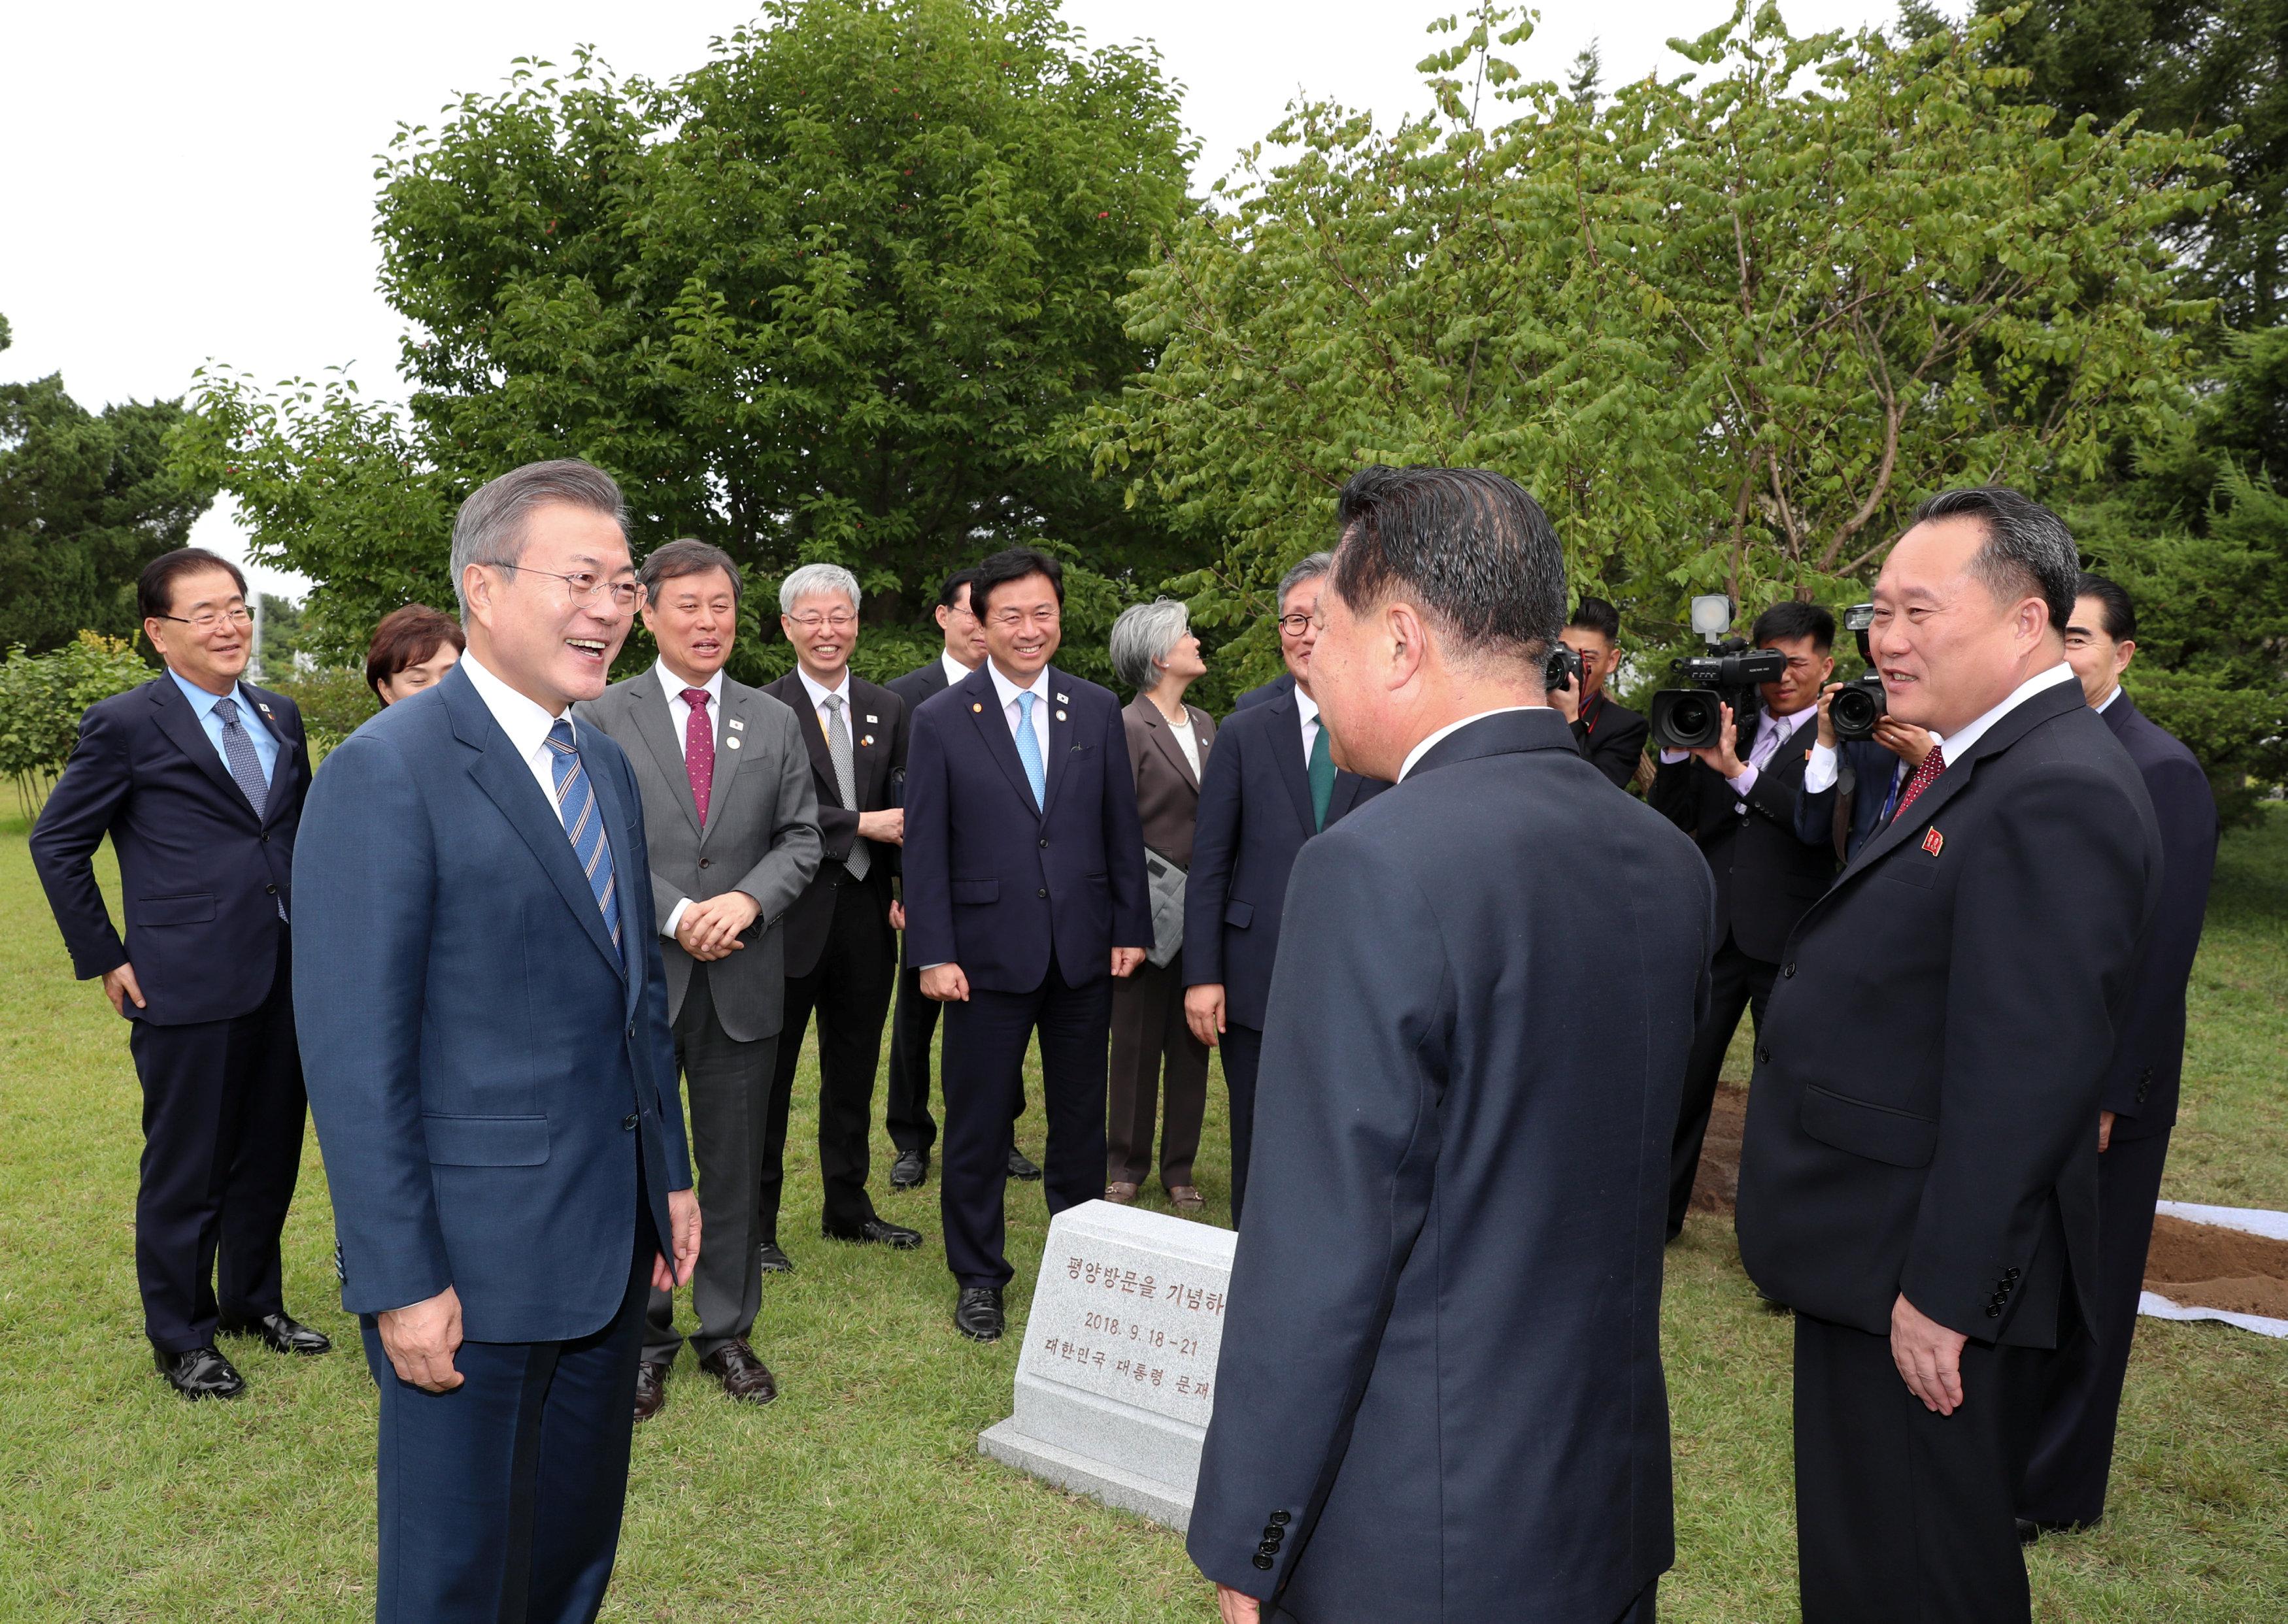 الرئيس الكورى الجنوبى يحضر مراسم إزاحة الستار عن شجرة تذكارية ببيونج يانج